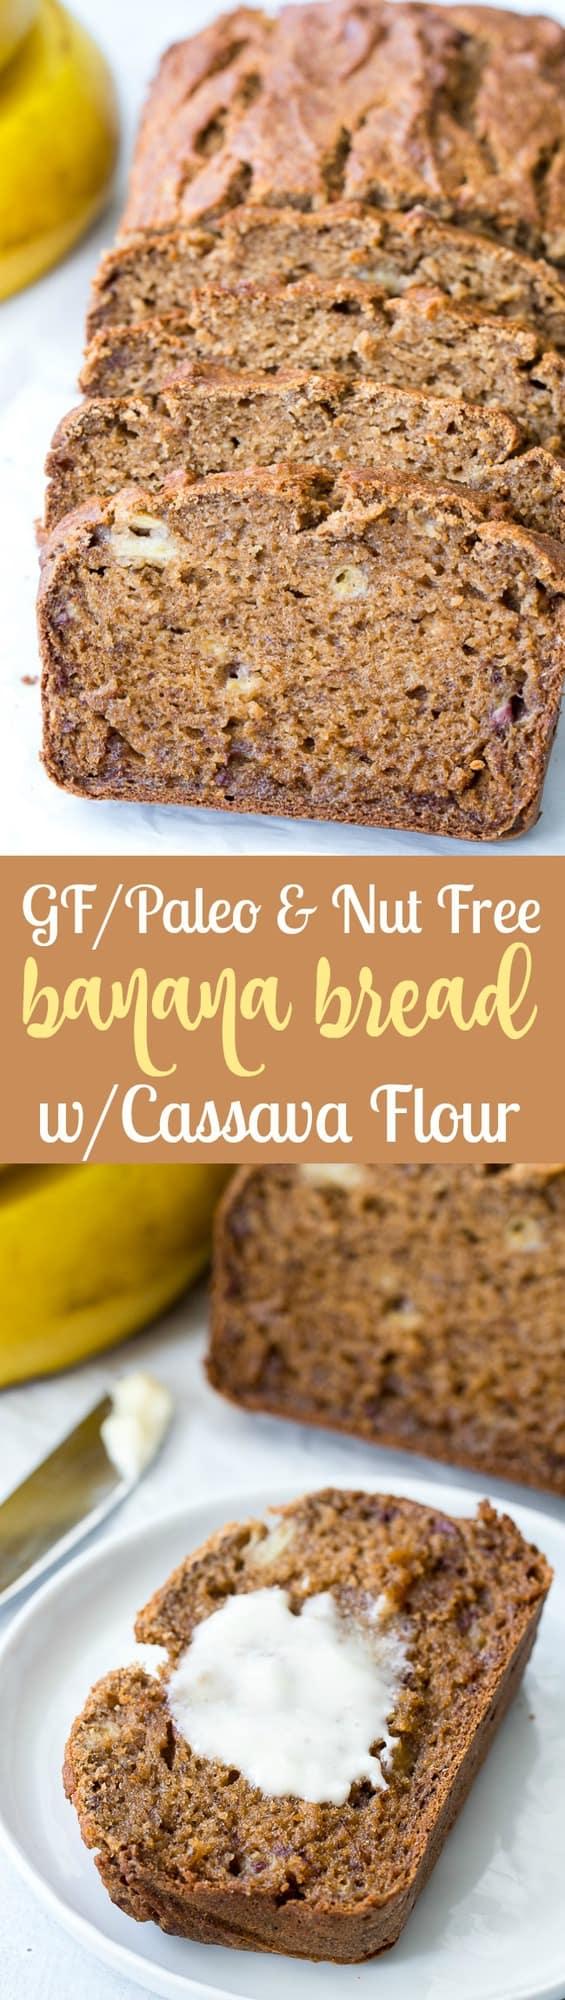 Paleo Banana Bread With Cassava Flour